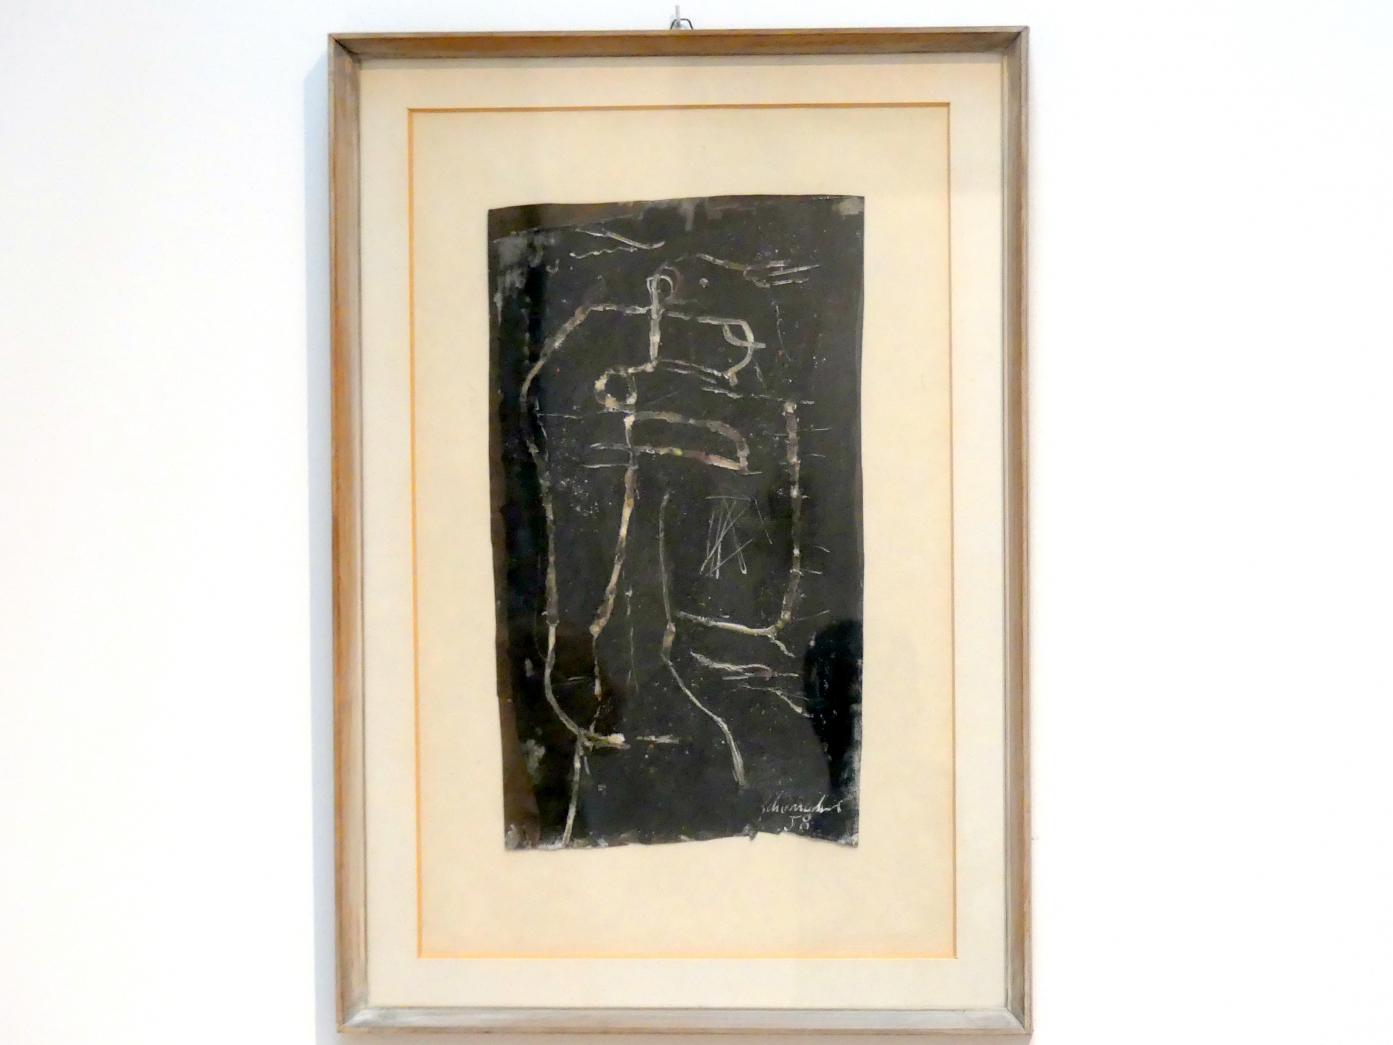 Emil Schumacher: Ohne Titel, 1958